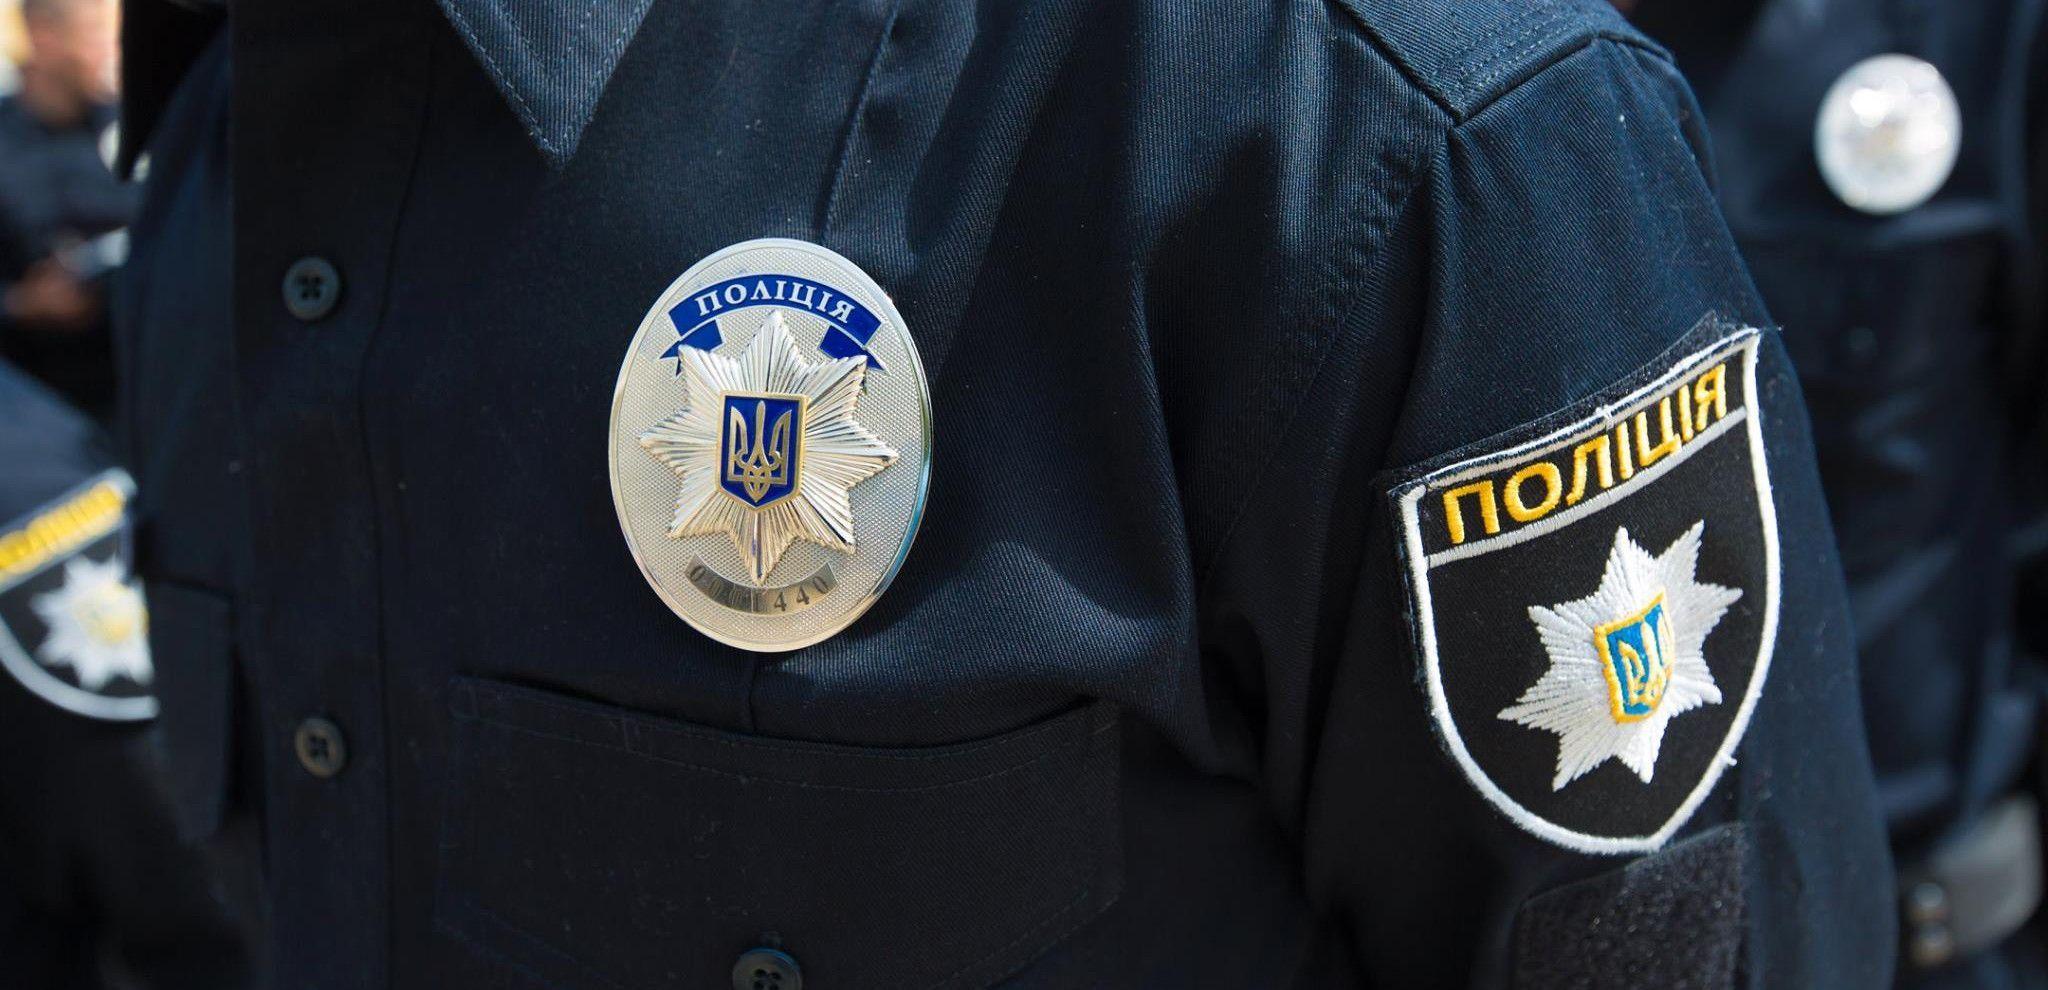 За махінації під час виборів жительці Тернопільщини загрожує до семи років  тюрми : 05:05:2021 - 20 хвилин Тернопіль